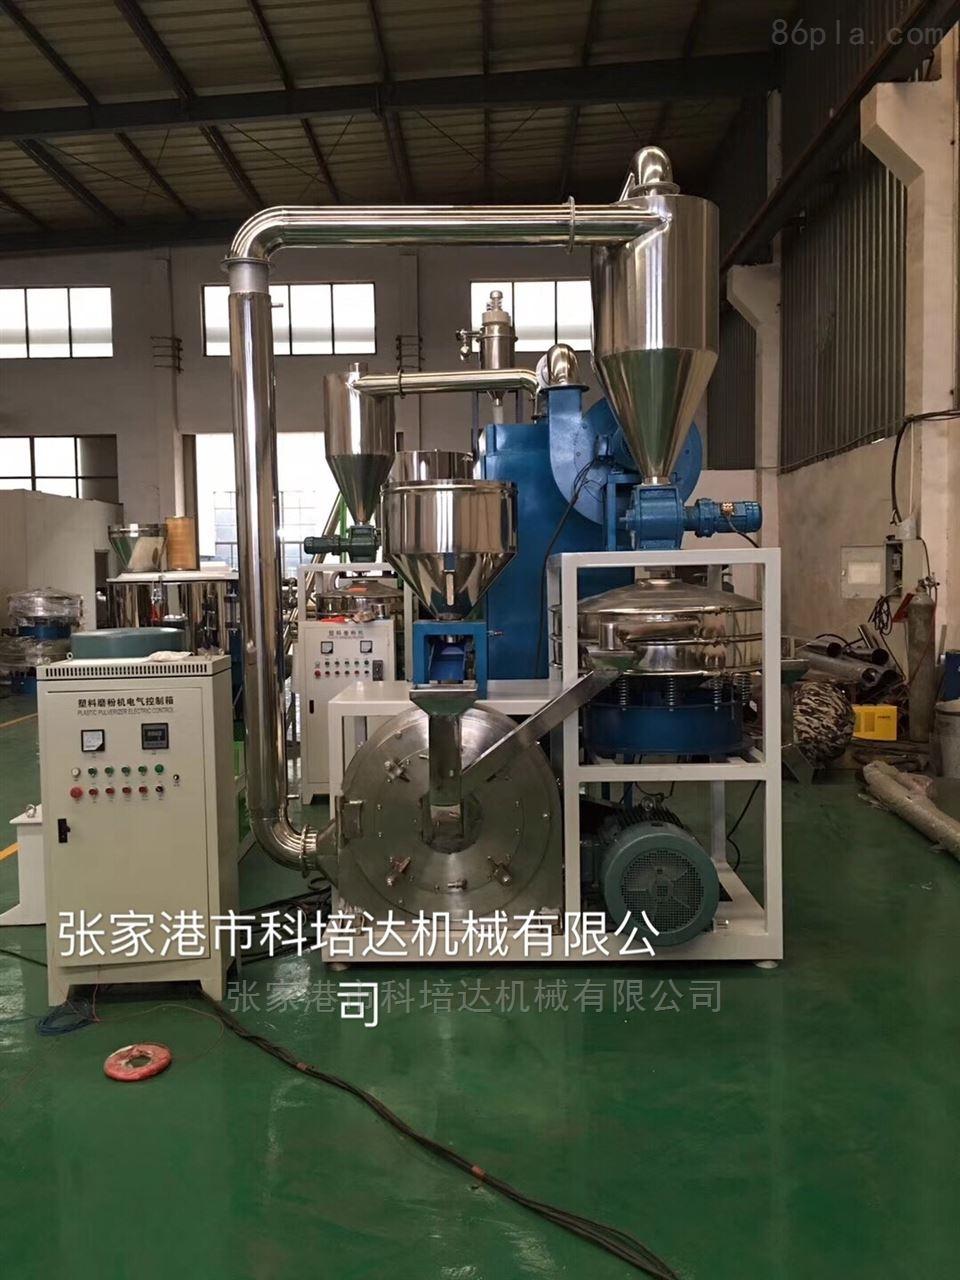 pp600型磨粉机生产厂家-张家港市科培达机械